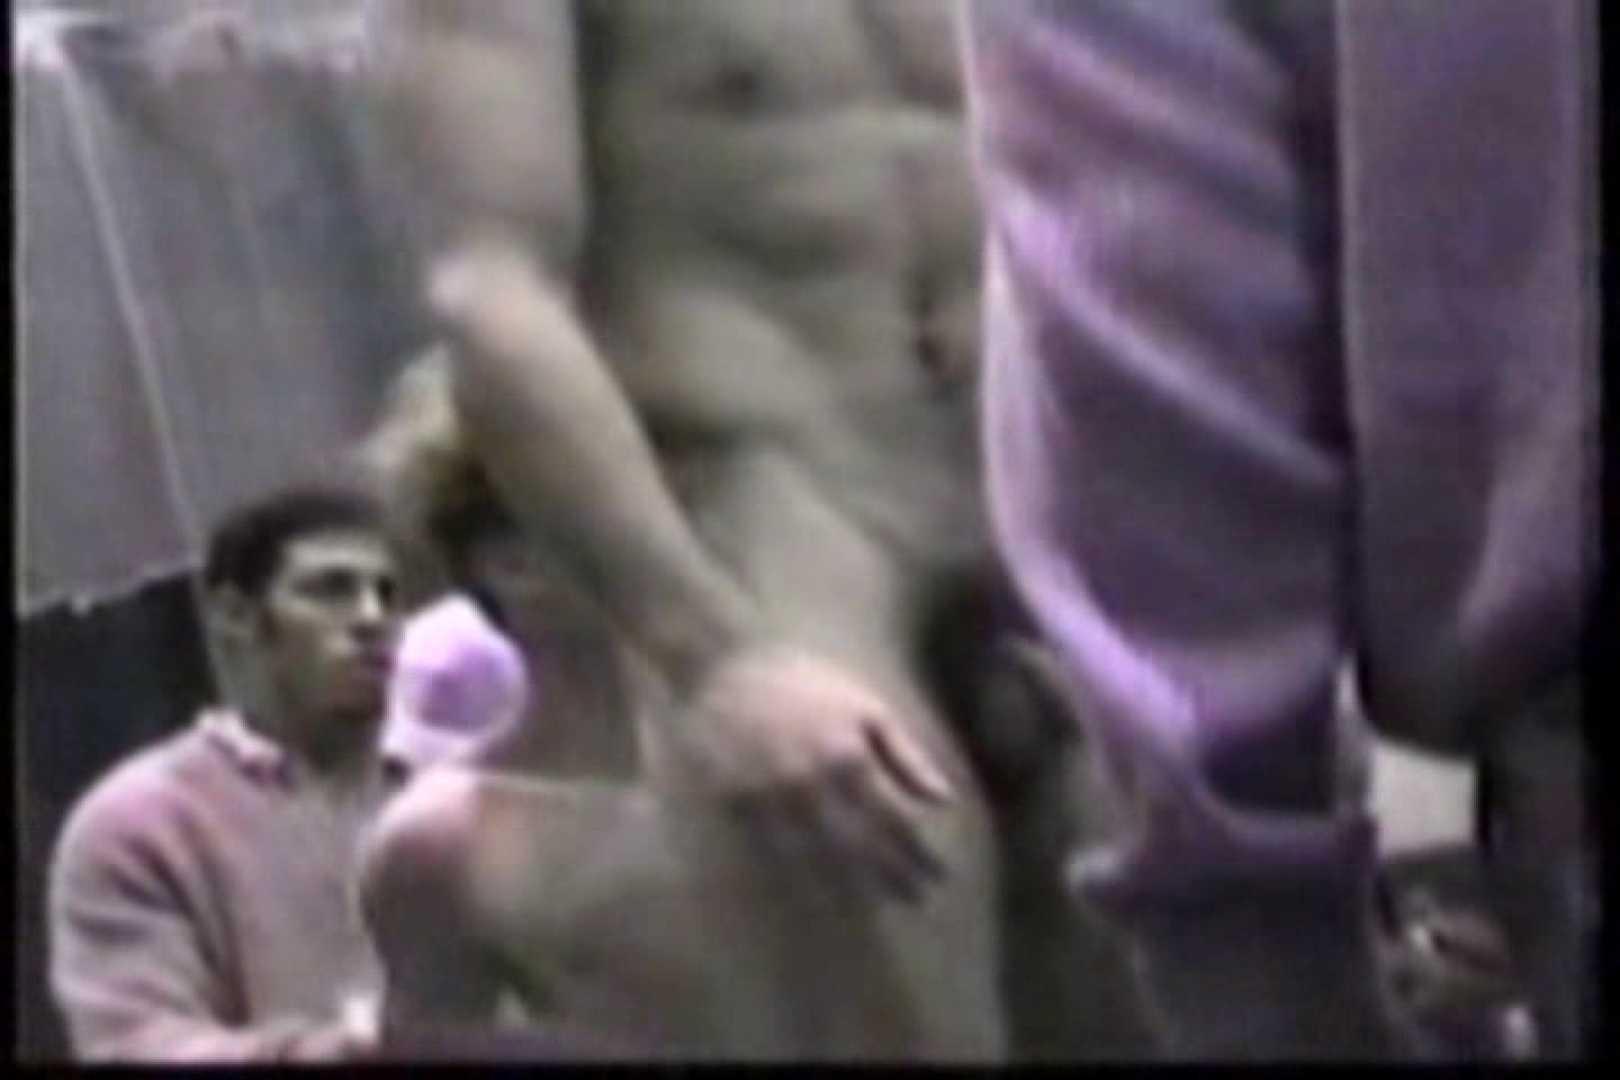 洋人さんの脱衣所を覗いてみました。VOL.8 のぞき   ガチムチマッチョ系  93pic 63